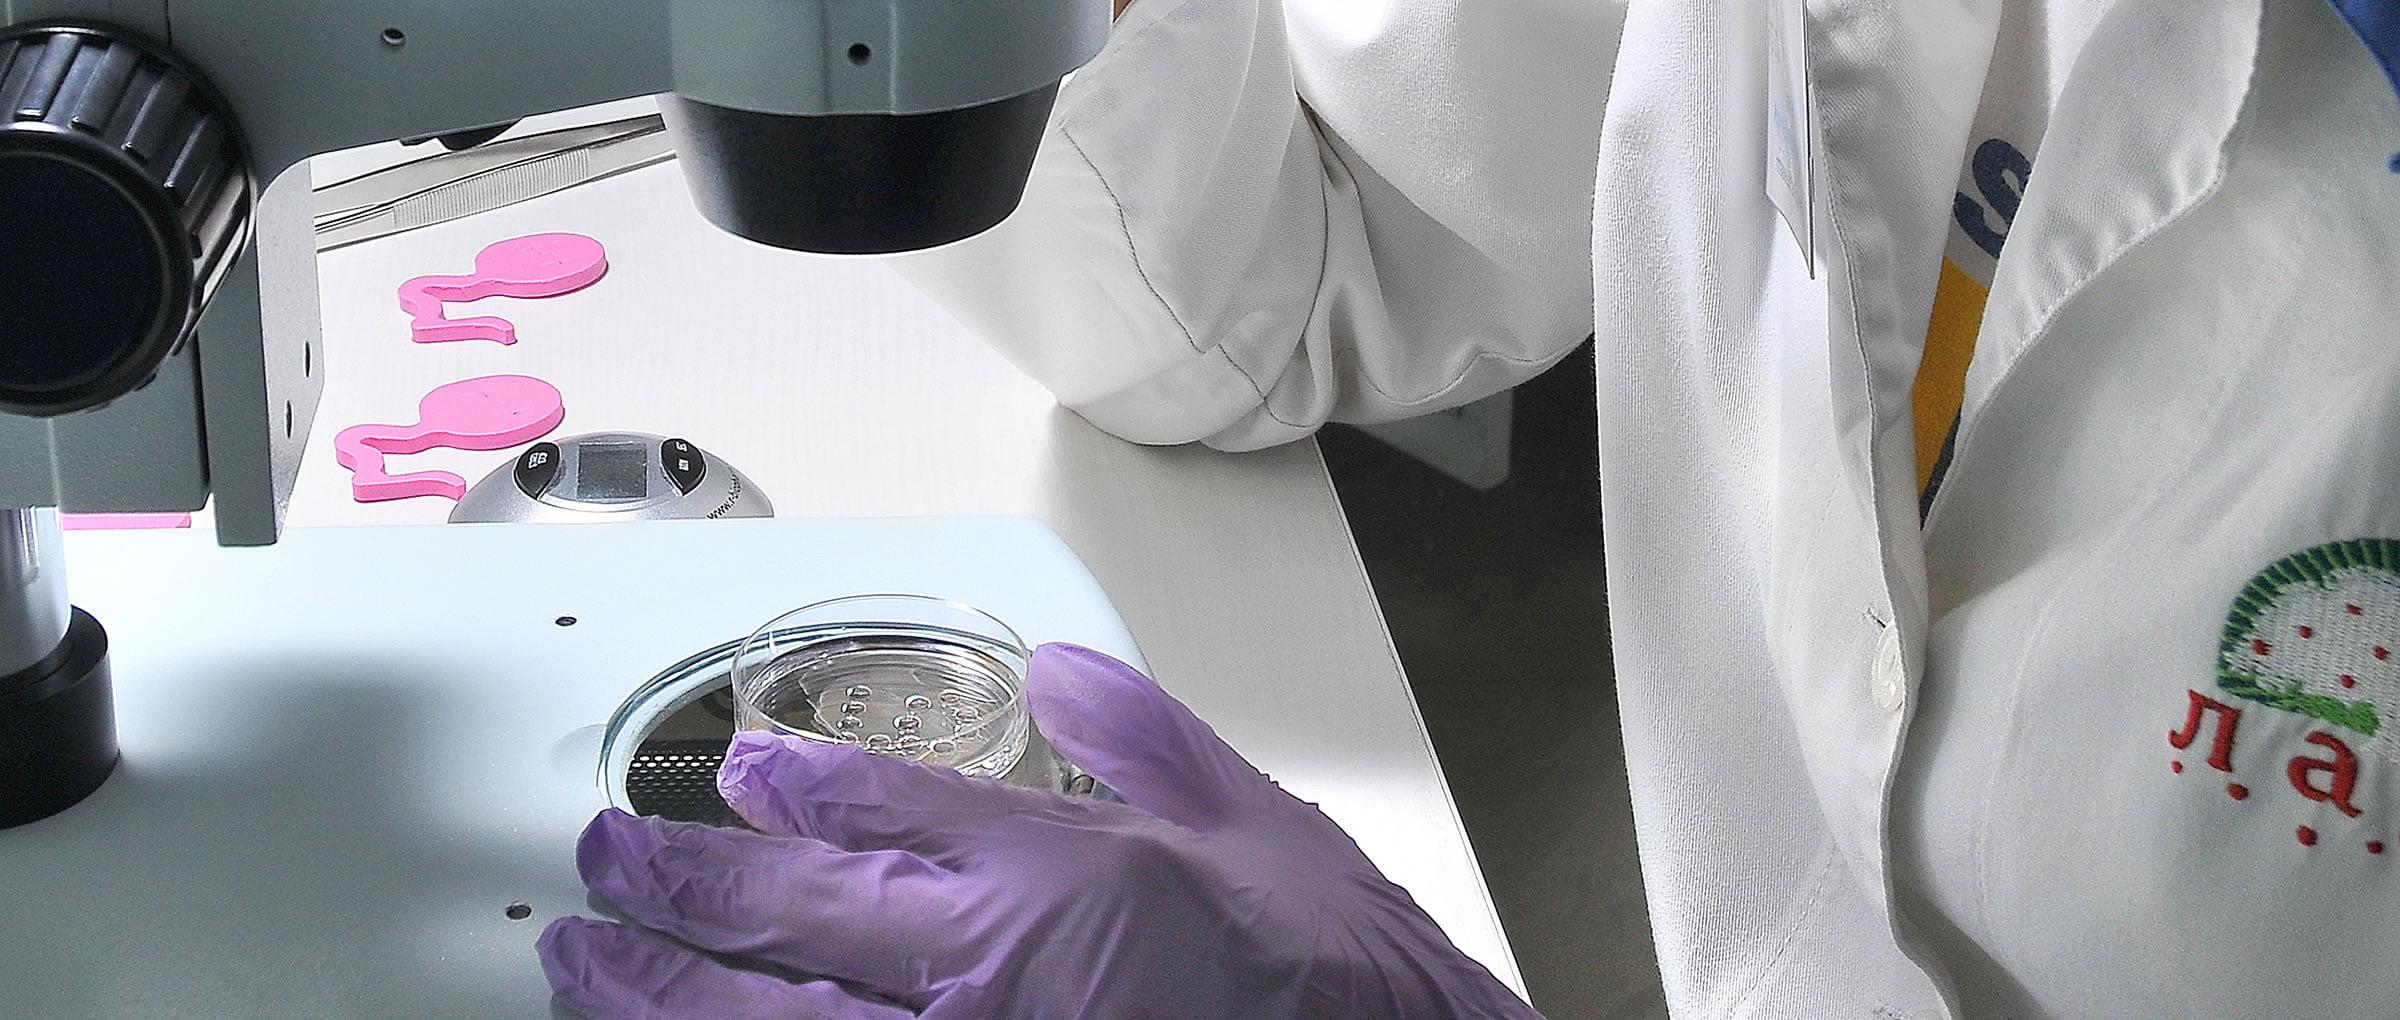 LADA laboratoire de FIV